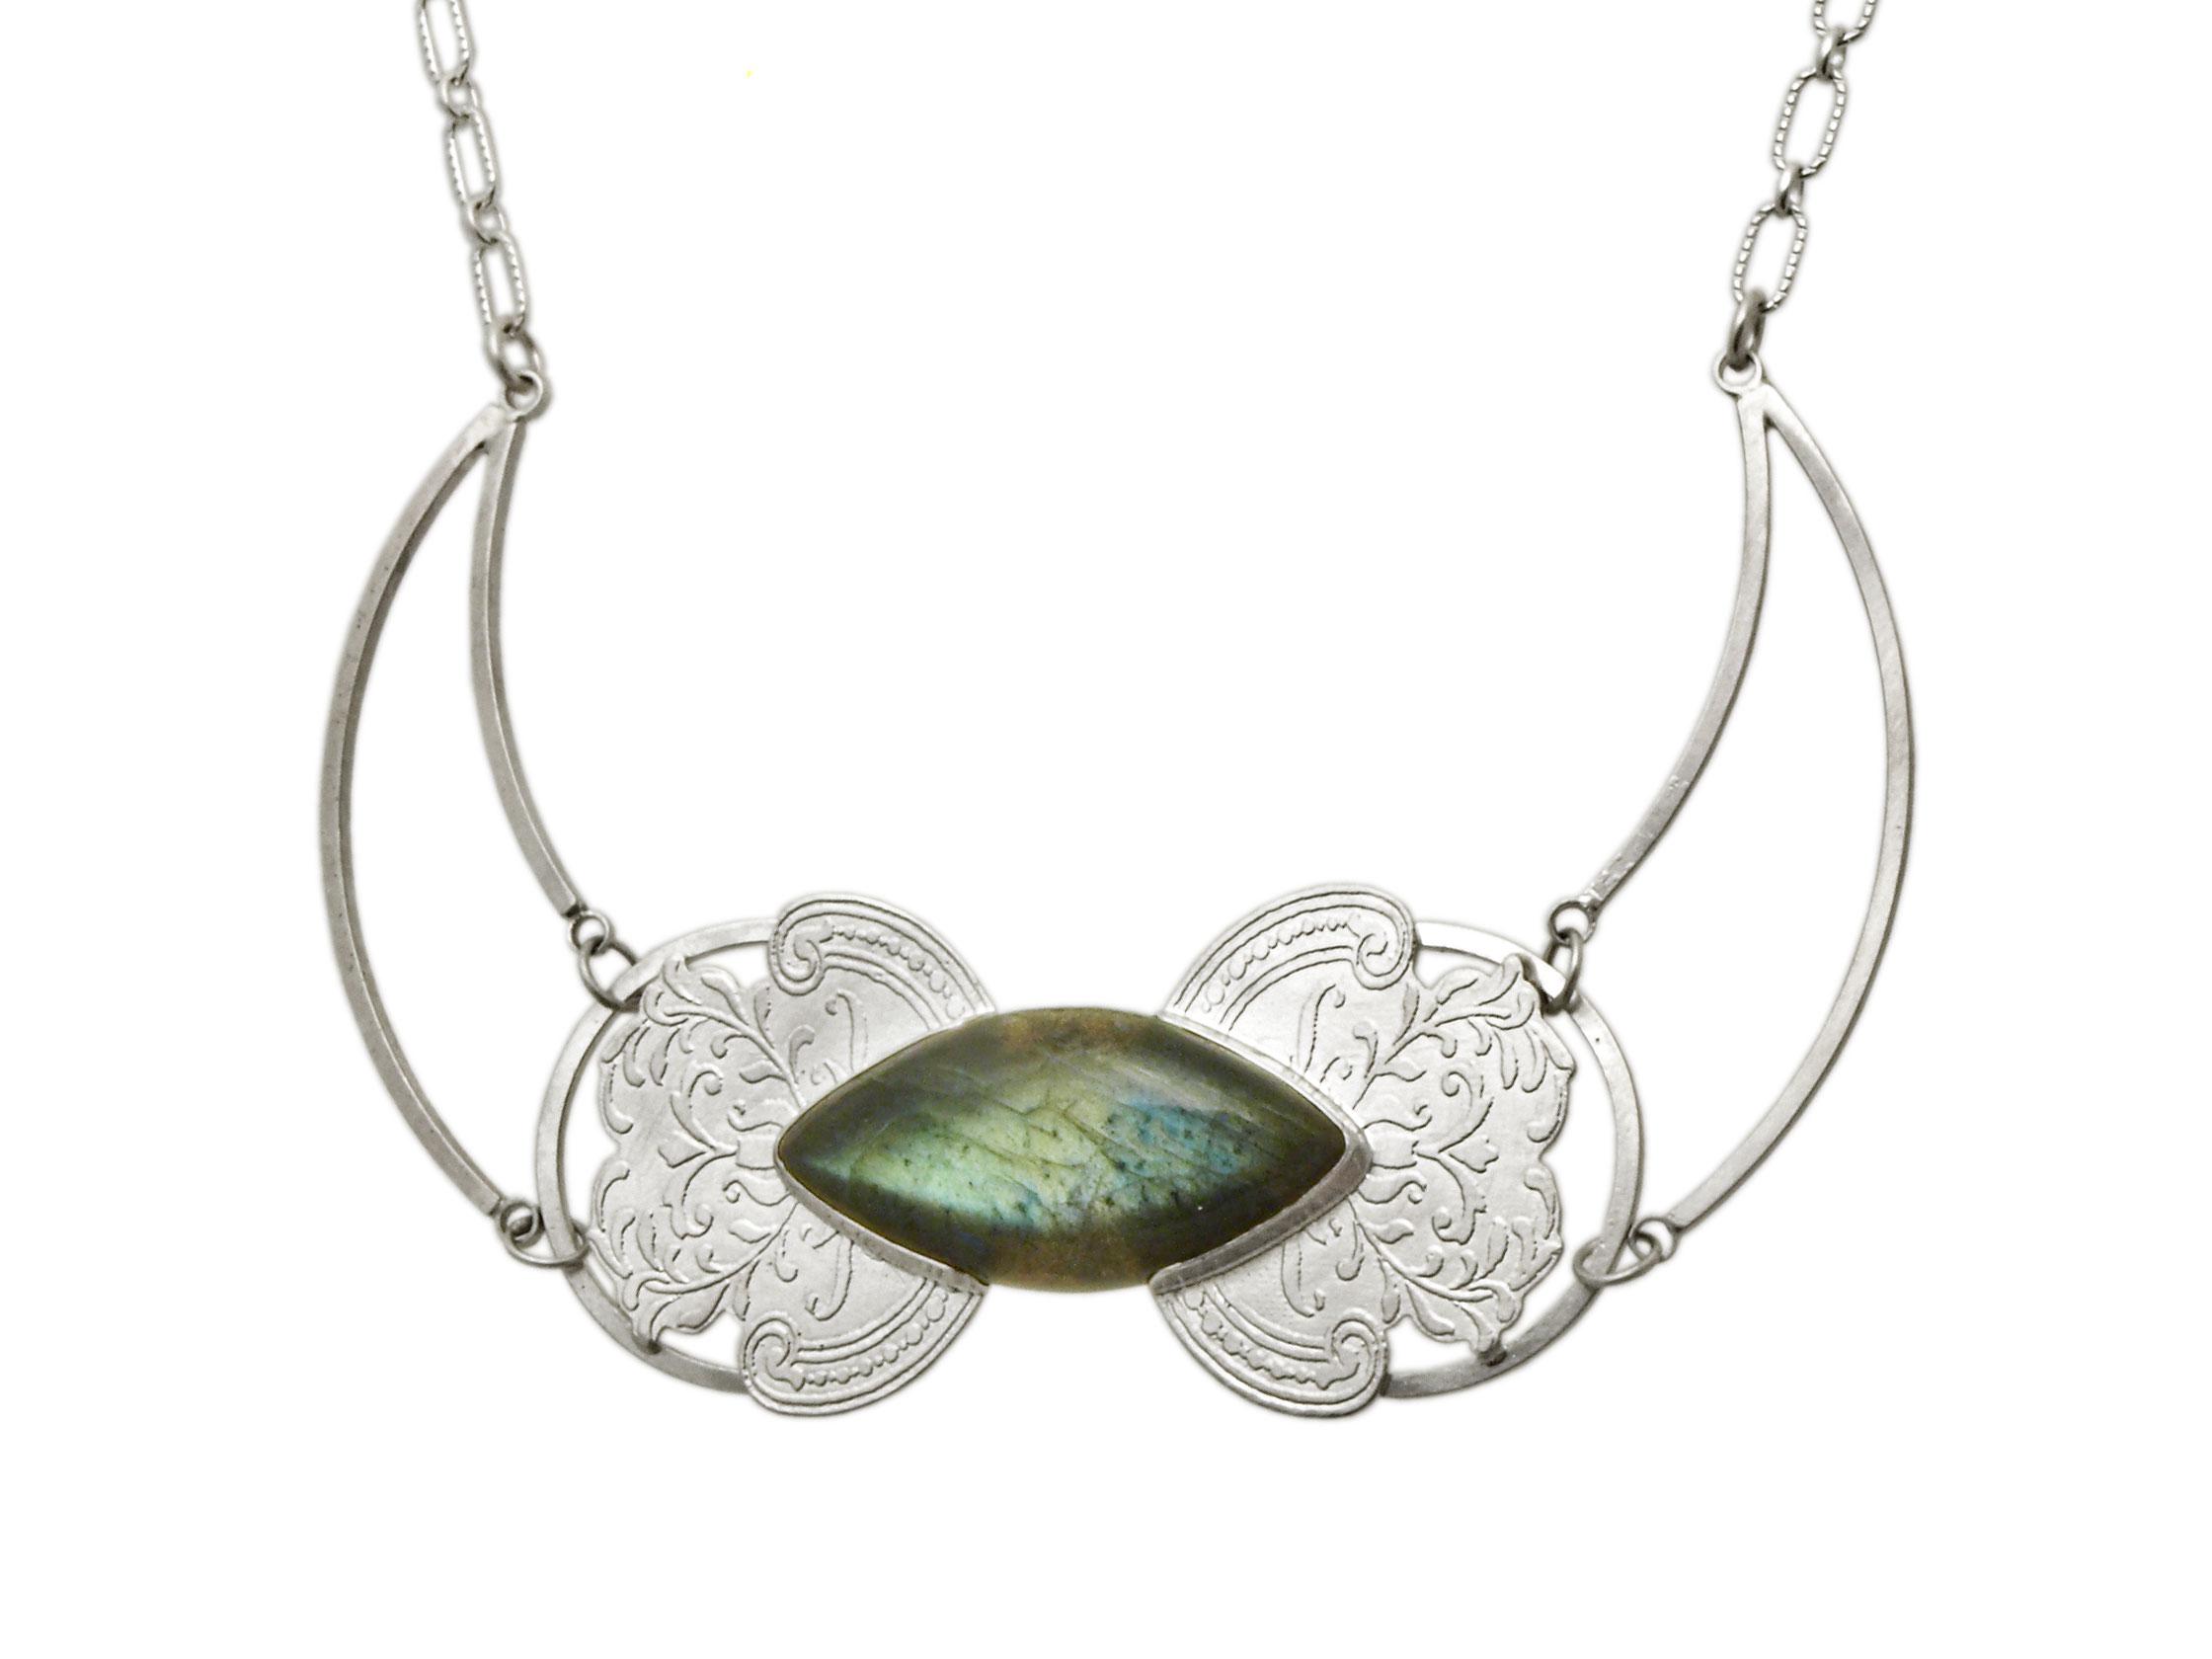 Saber Necklace